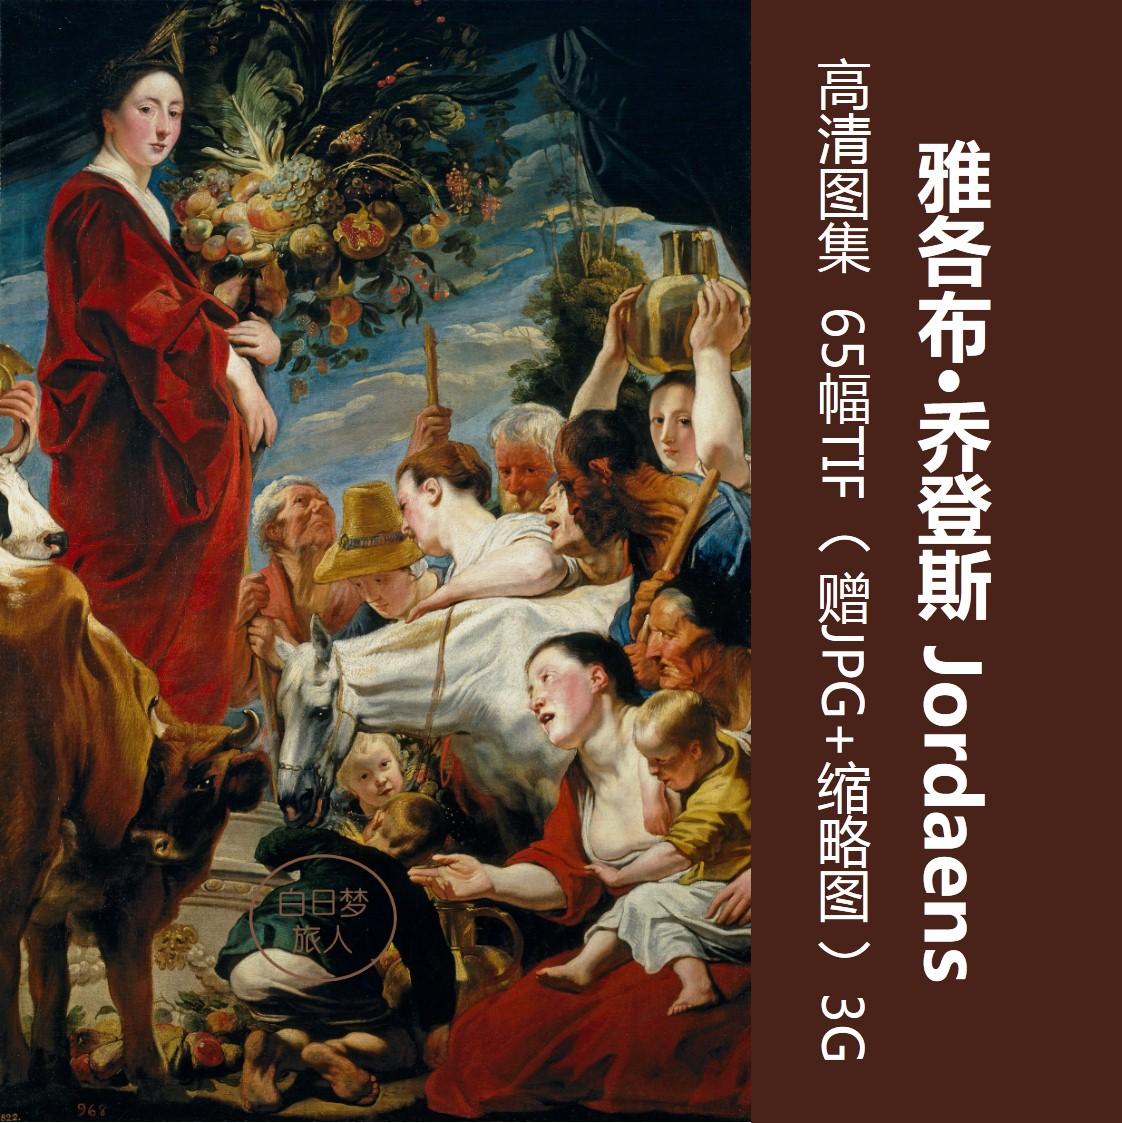 乔登斯/约尔当斯/高清电子宗教绘画巴洛克三杰临摹喷绘装饰画素材